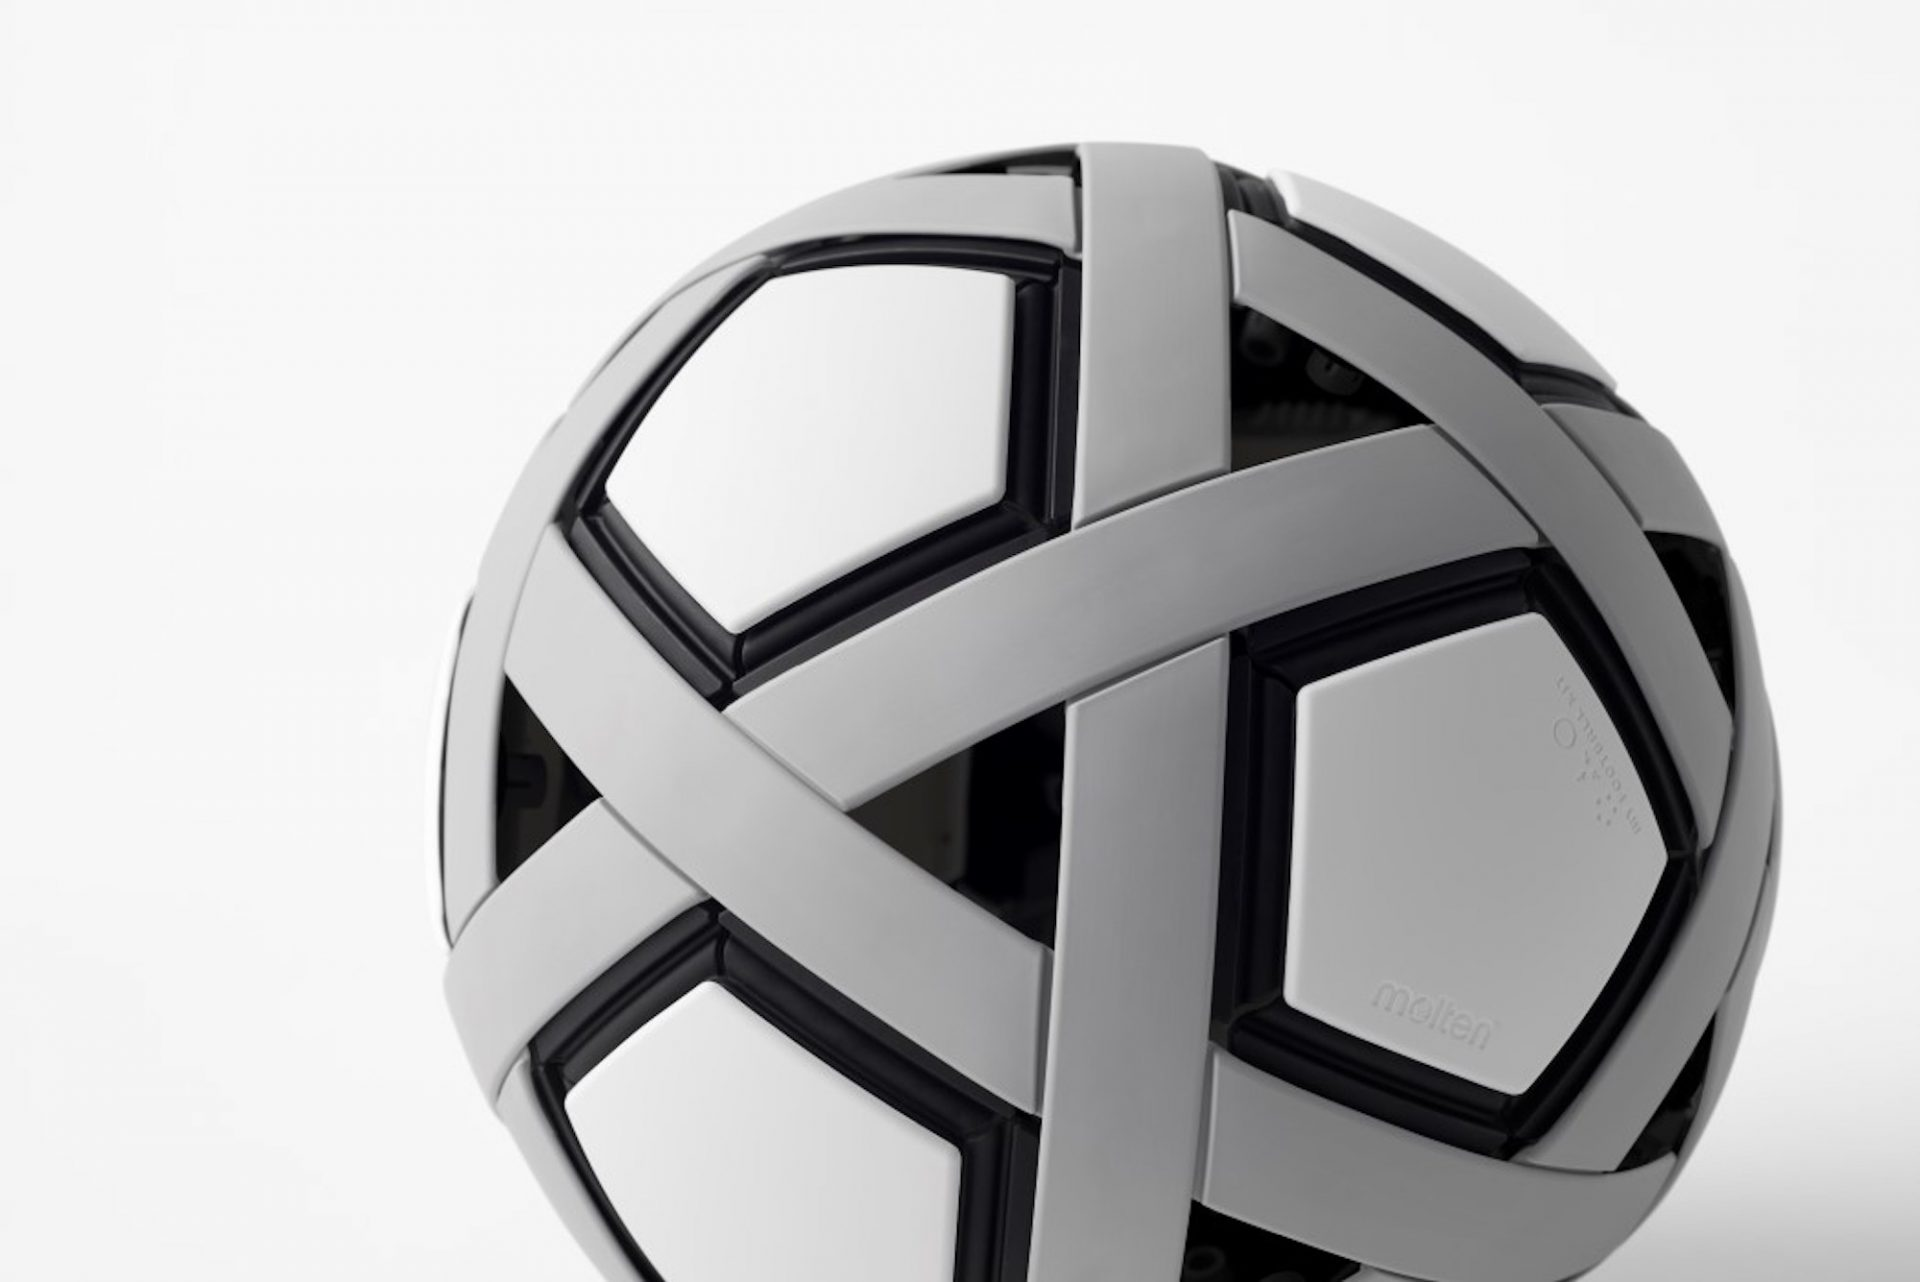 Un ballon de football sans air livré en kit et que vous devez monter vous-même